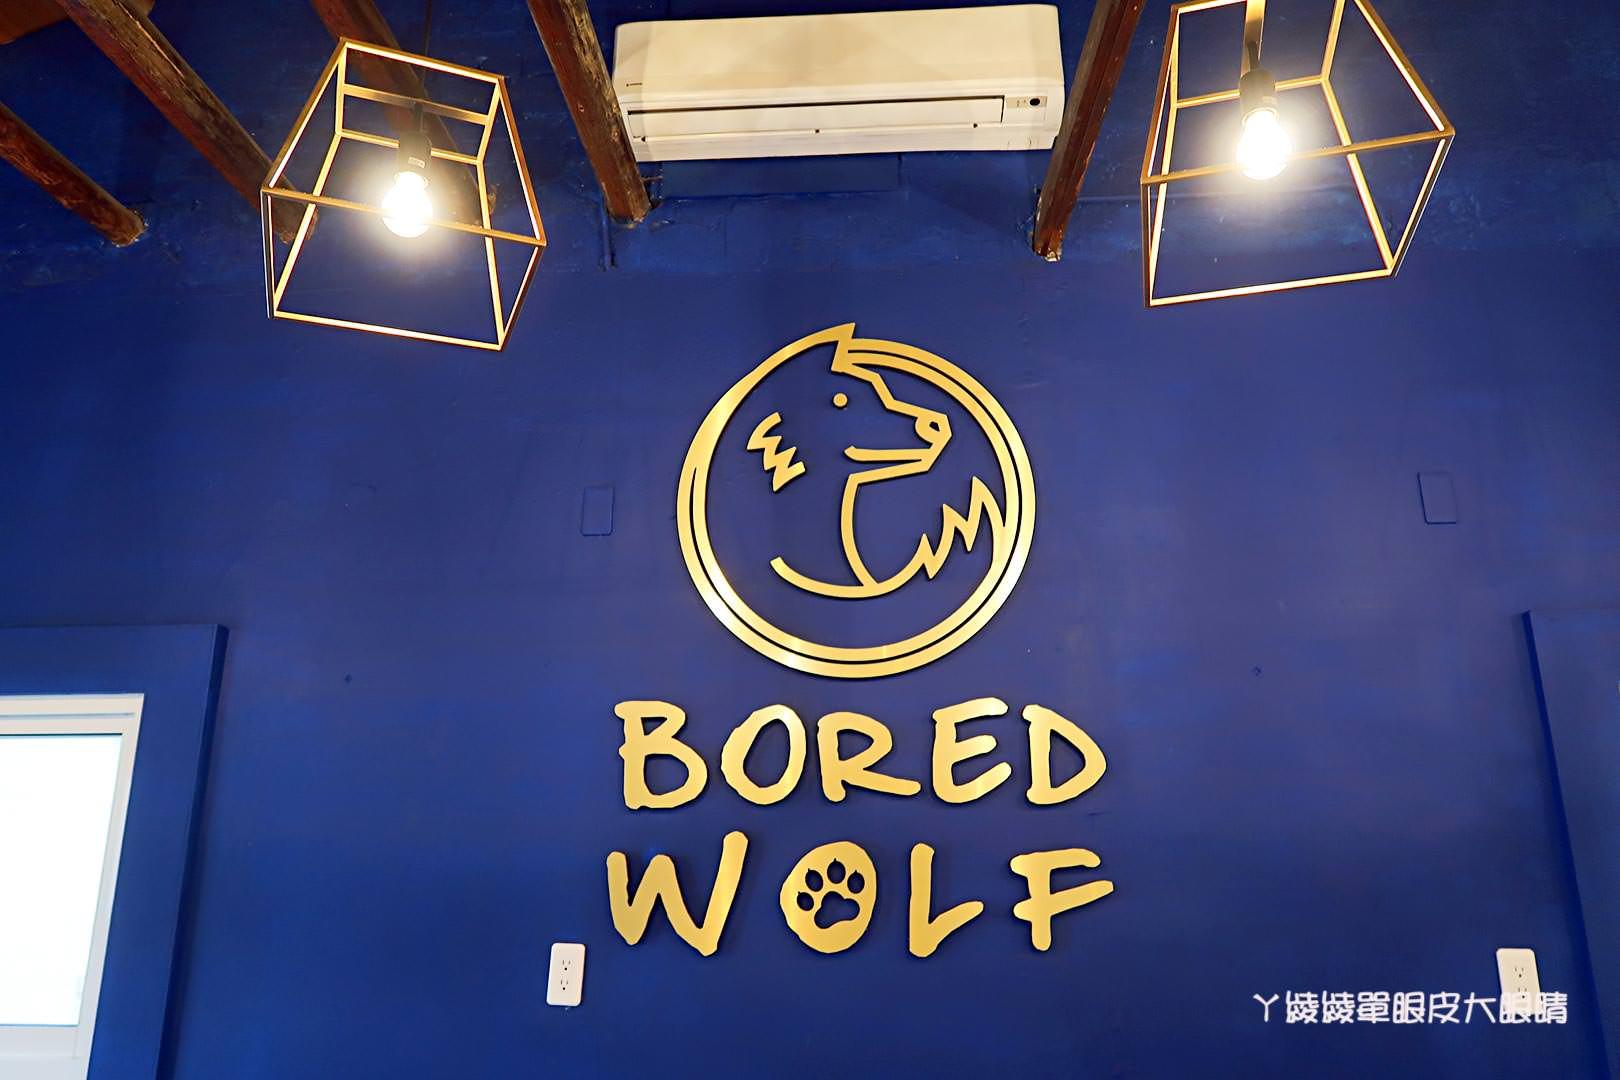 台南市中西區美食|神農街冰品推薦!無聊郎Bored Wolf,非吃不可的超人氣雪貝冰跟會爆漿的流心吐司磚